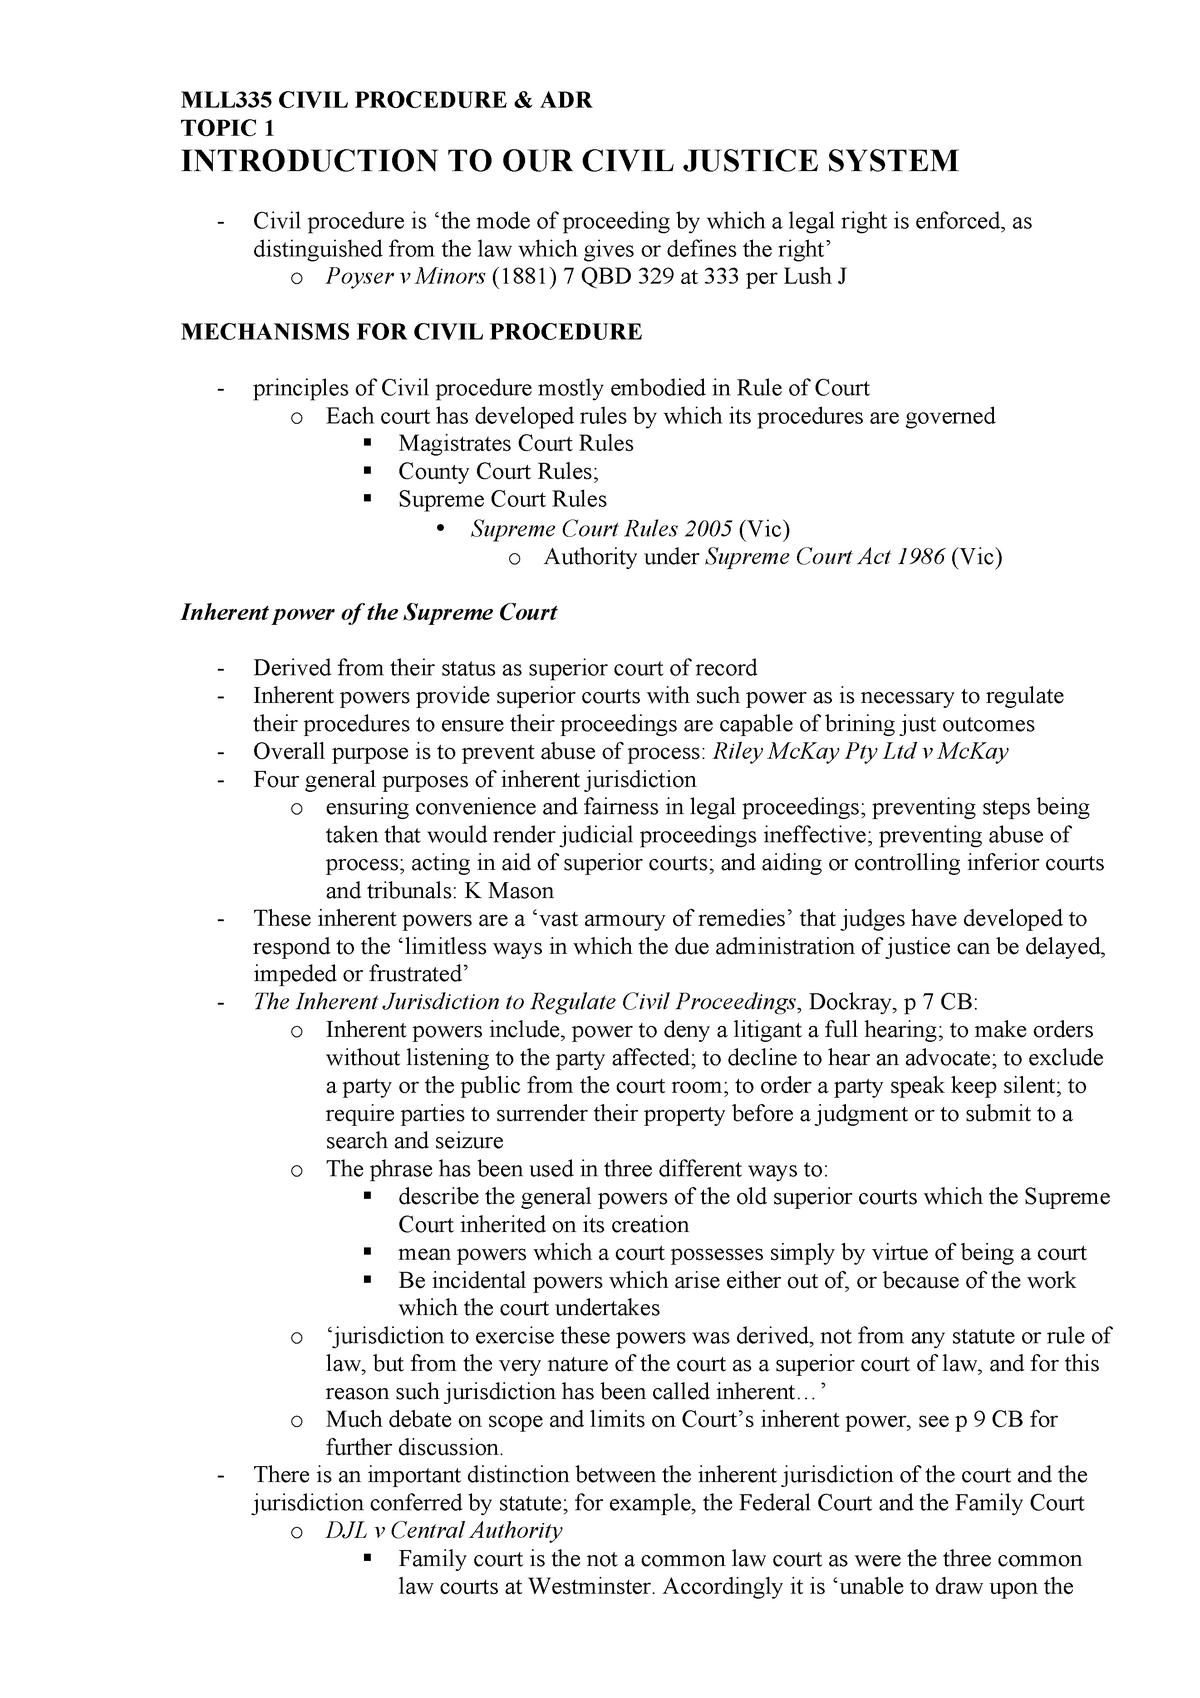 Civil Procedure - MLL391 - StuDocu